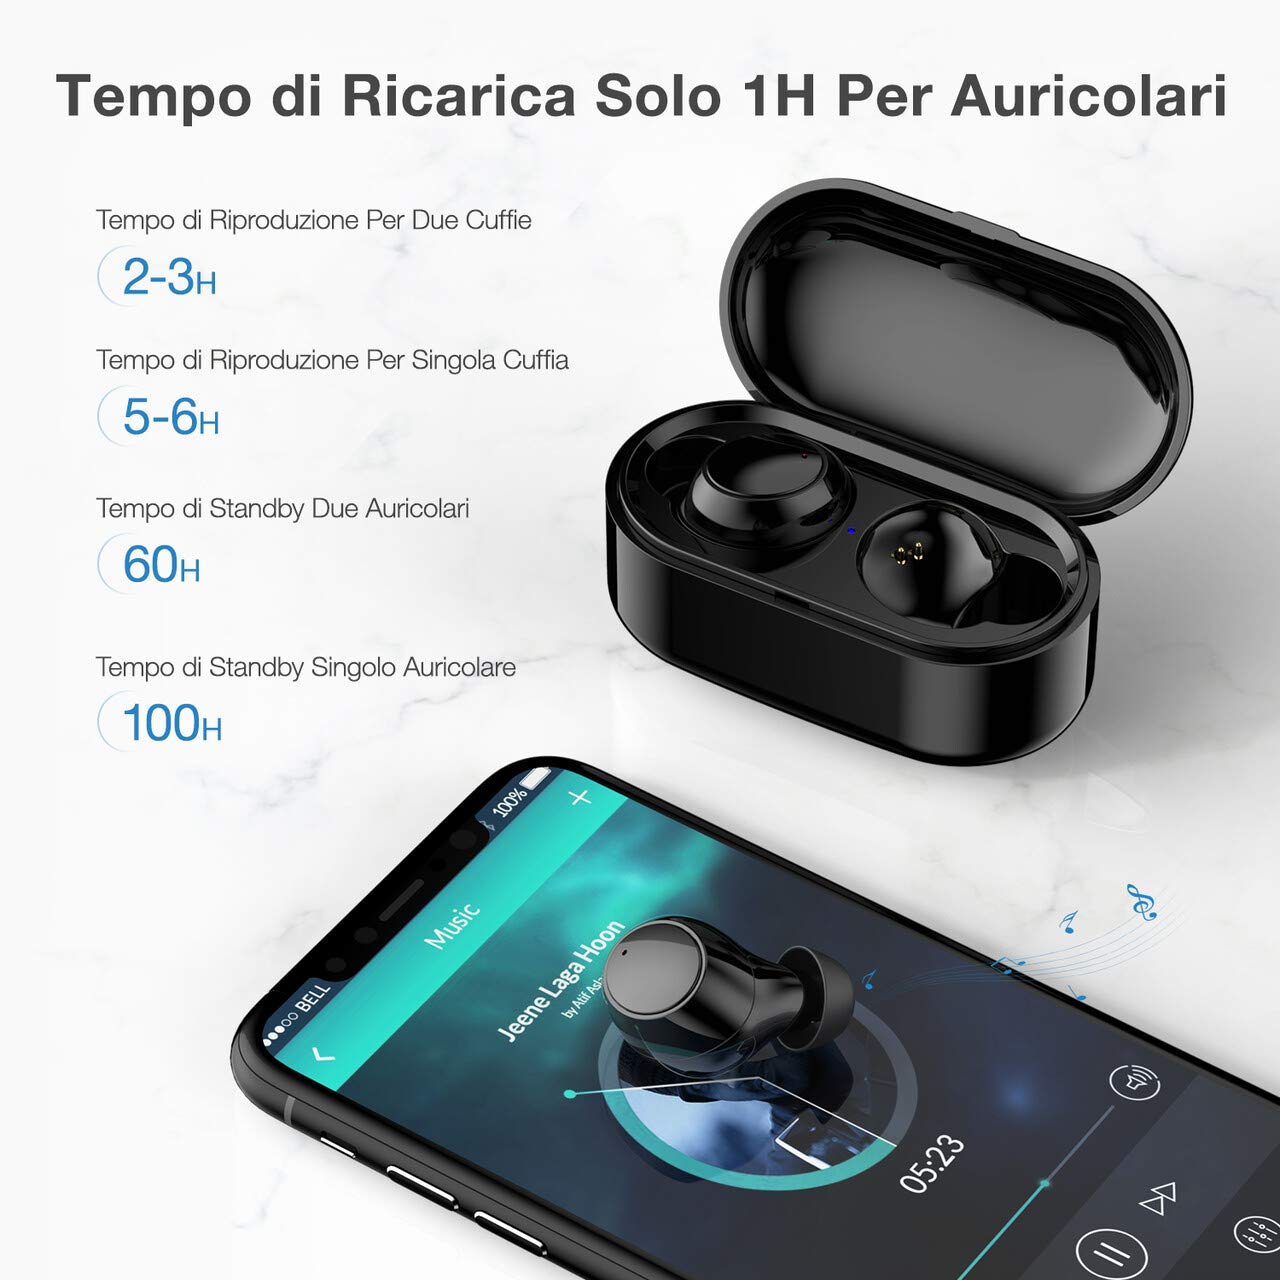 POWERADD Cuffie Bluetooth, Auricolari Bluetooth Senza Fili, Auricolari Wireless HD Stereo, Display della Batteria in Dispositivo, Compatto e Portatile, IPX5, Mic, Auricolari Sport per iOS ed Android